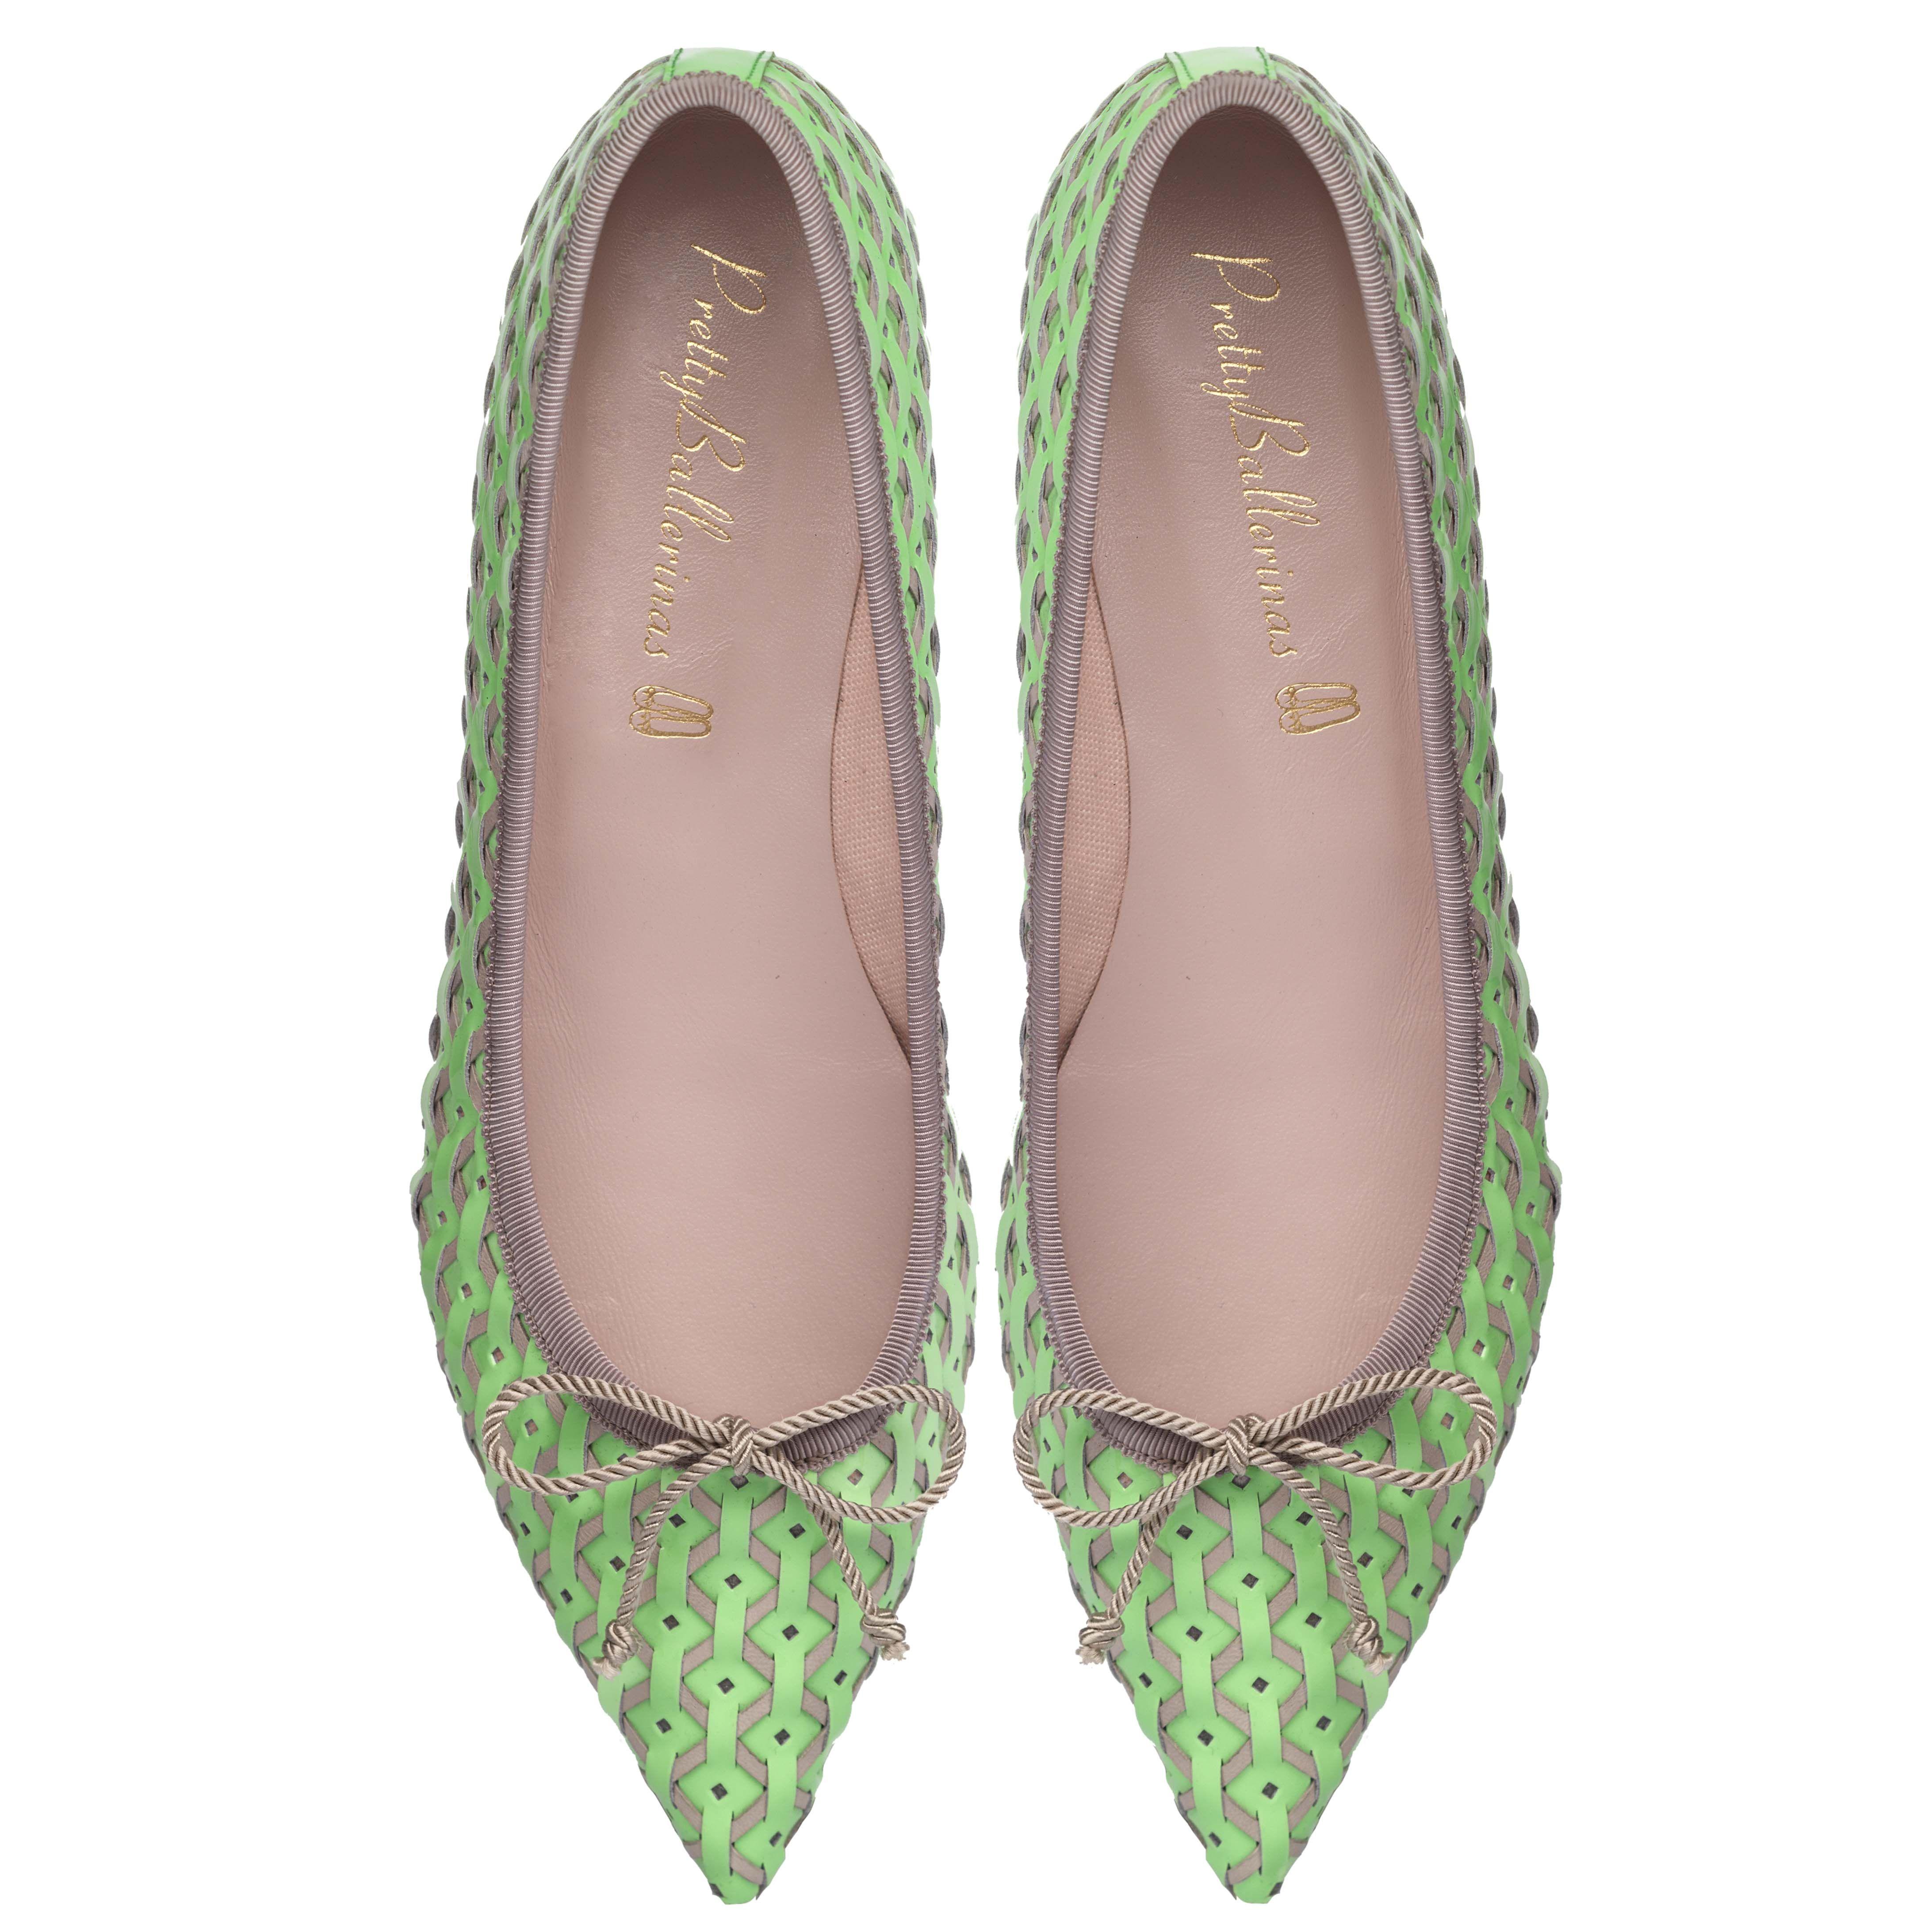 Zapatos en punta Ella mint and beige weave de la nueva